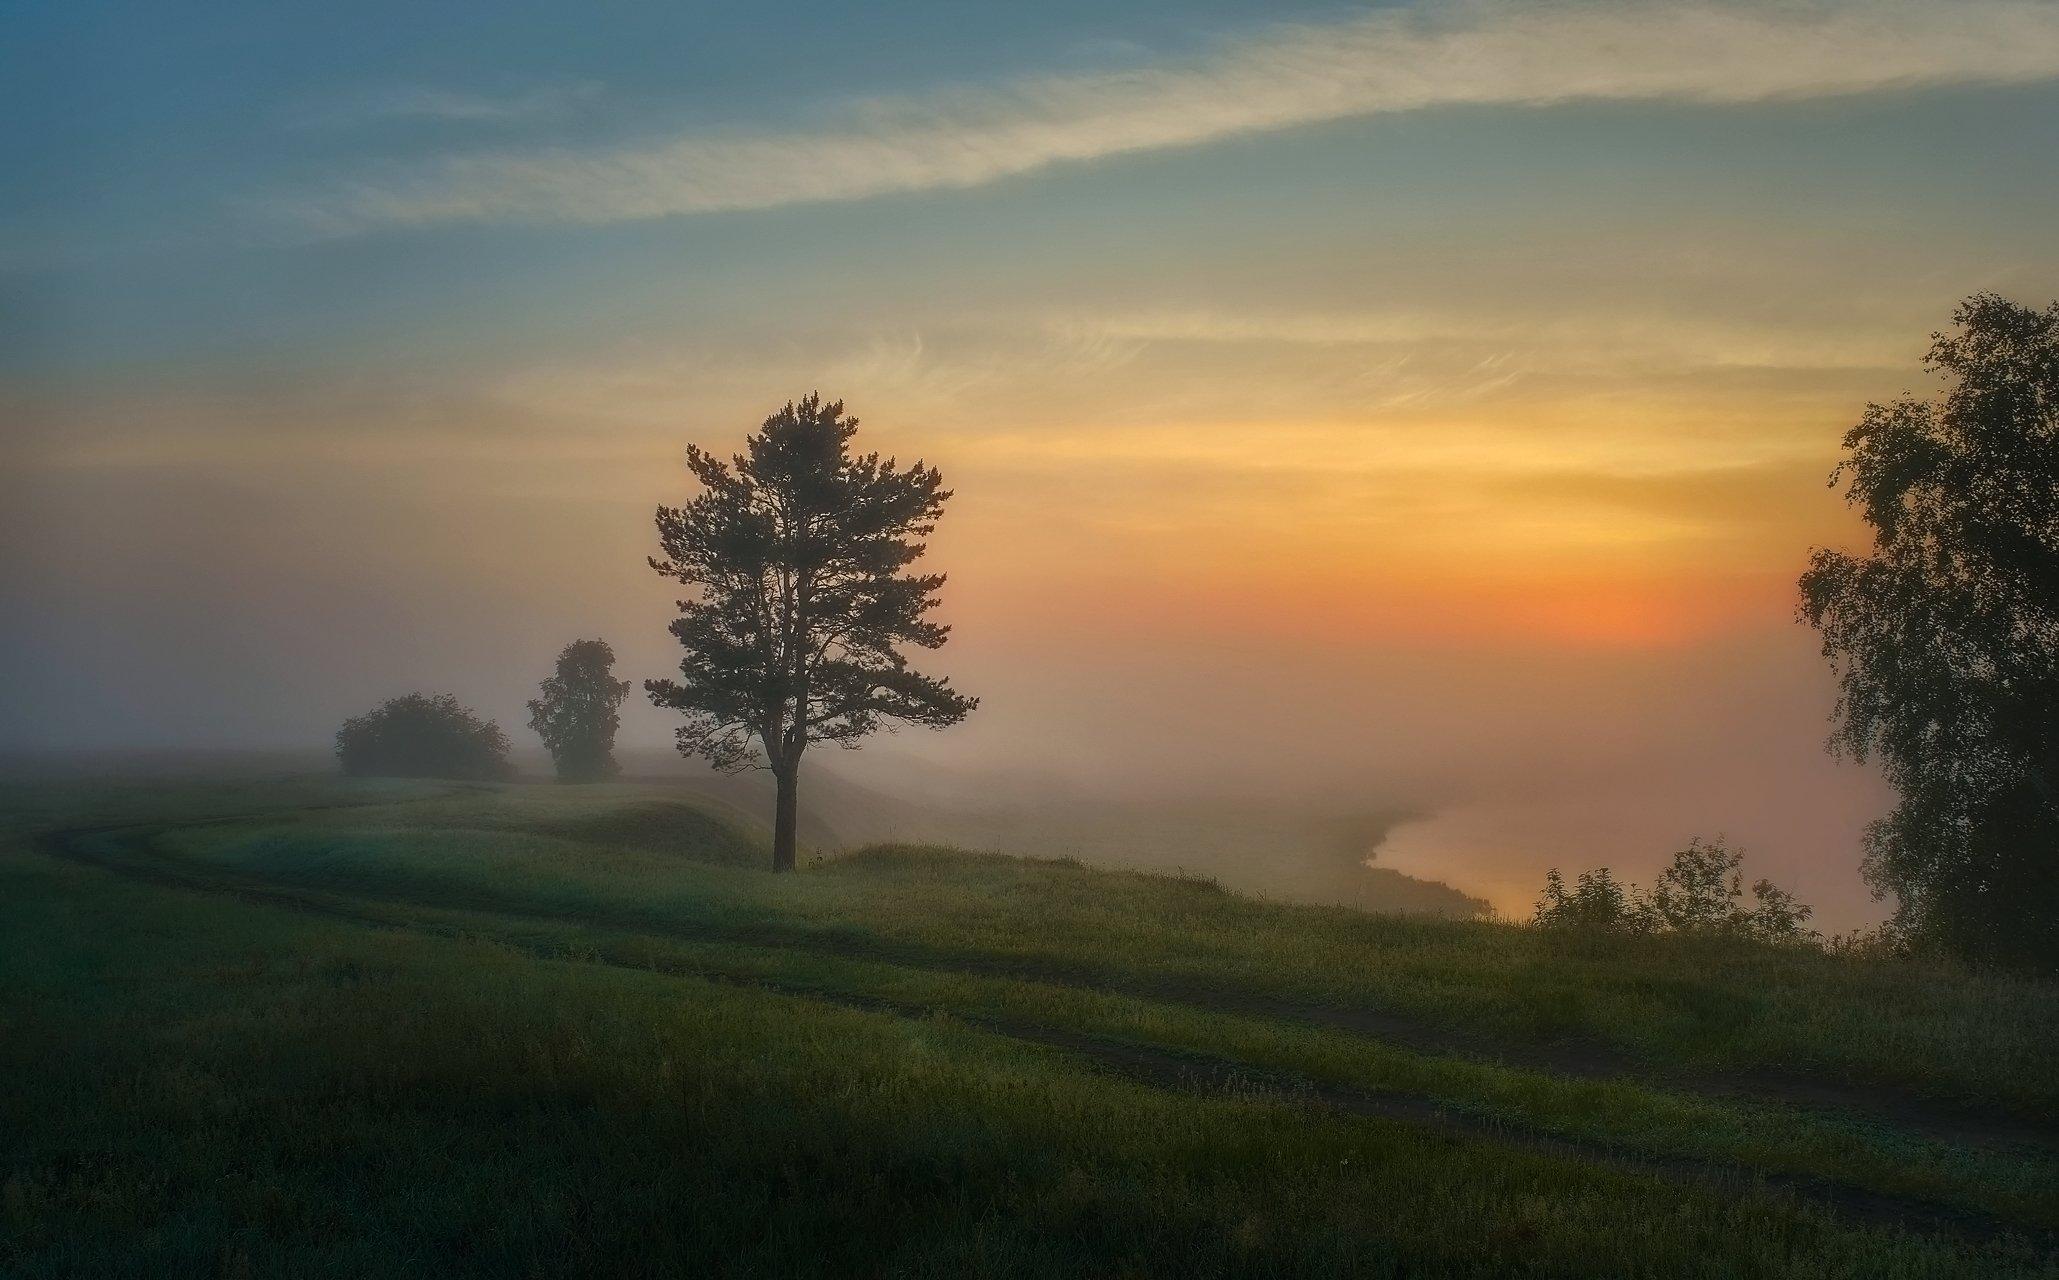 летнее утро,красочный восход солнца,туман,берег озера,, Сергей